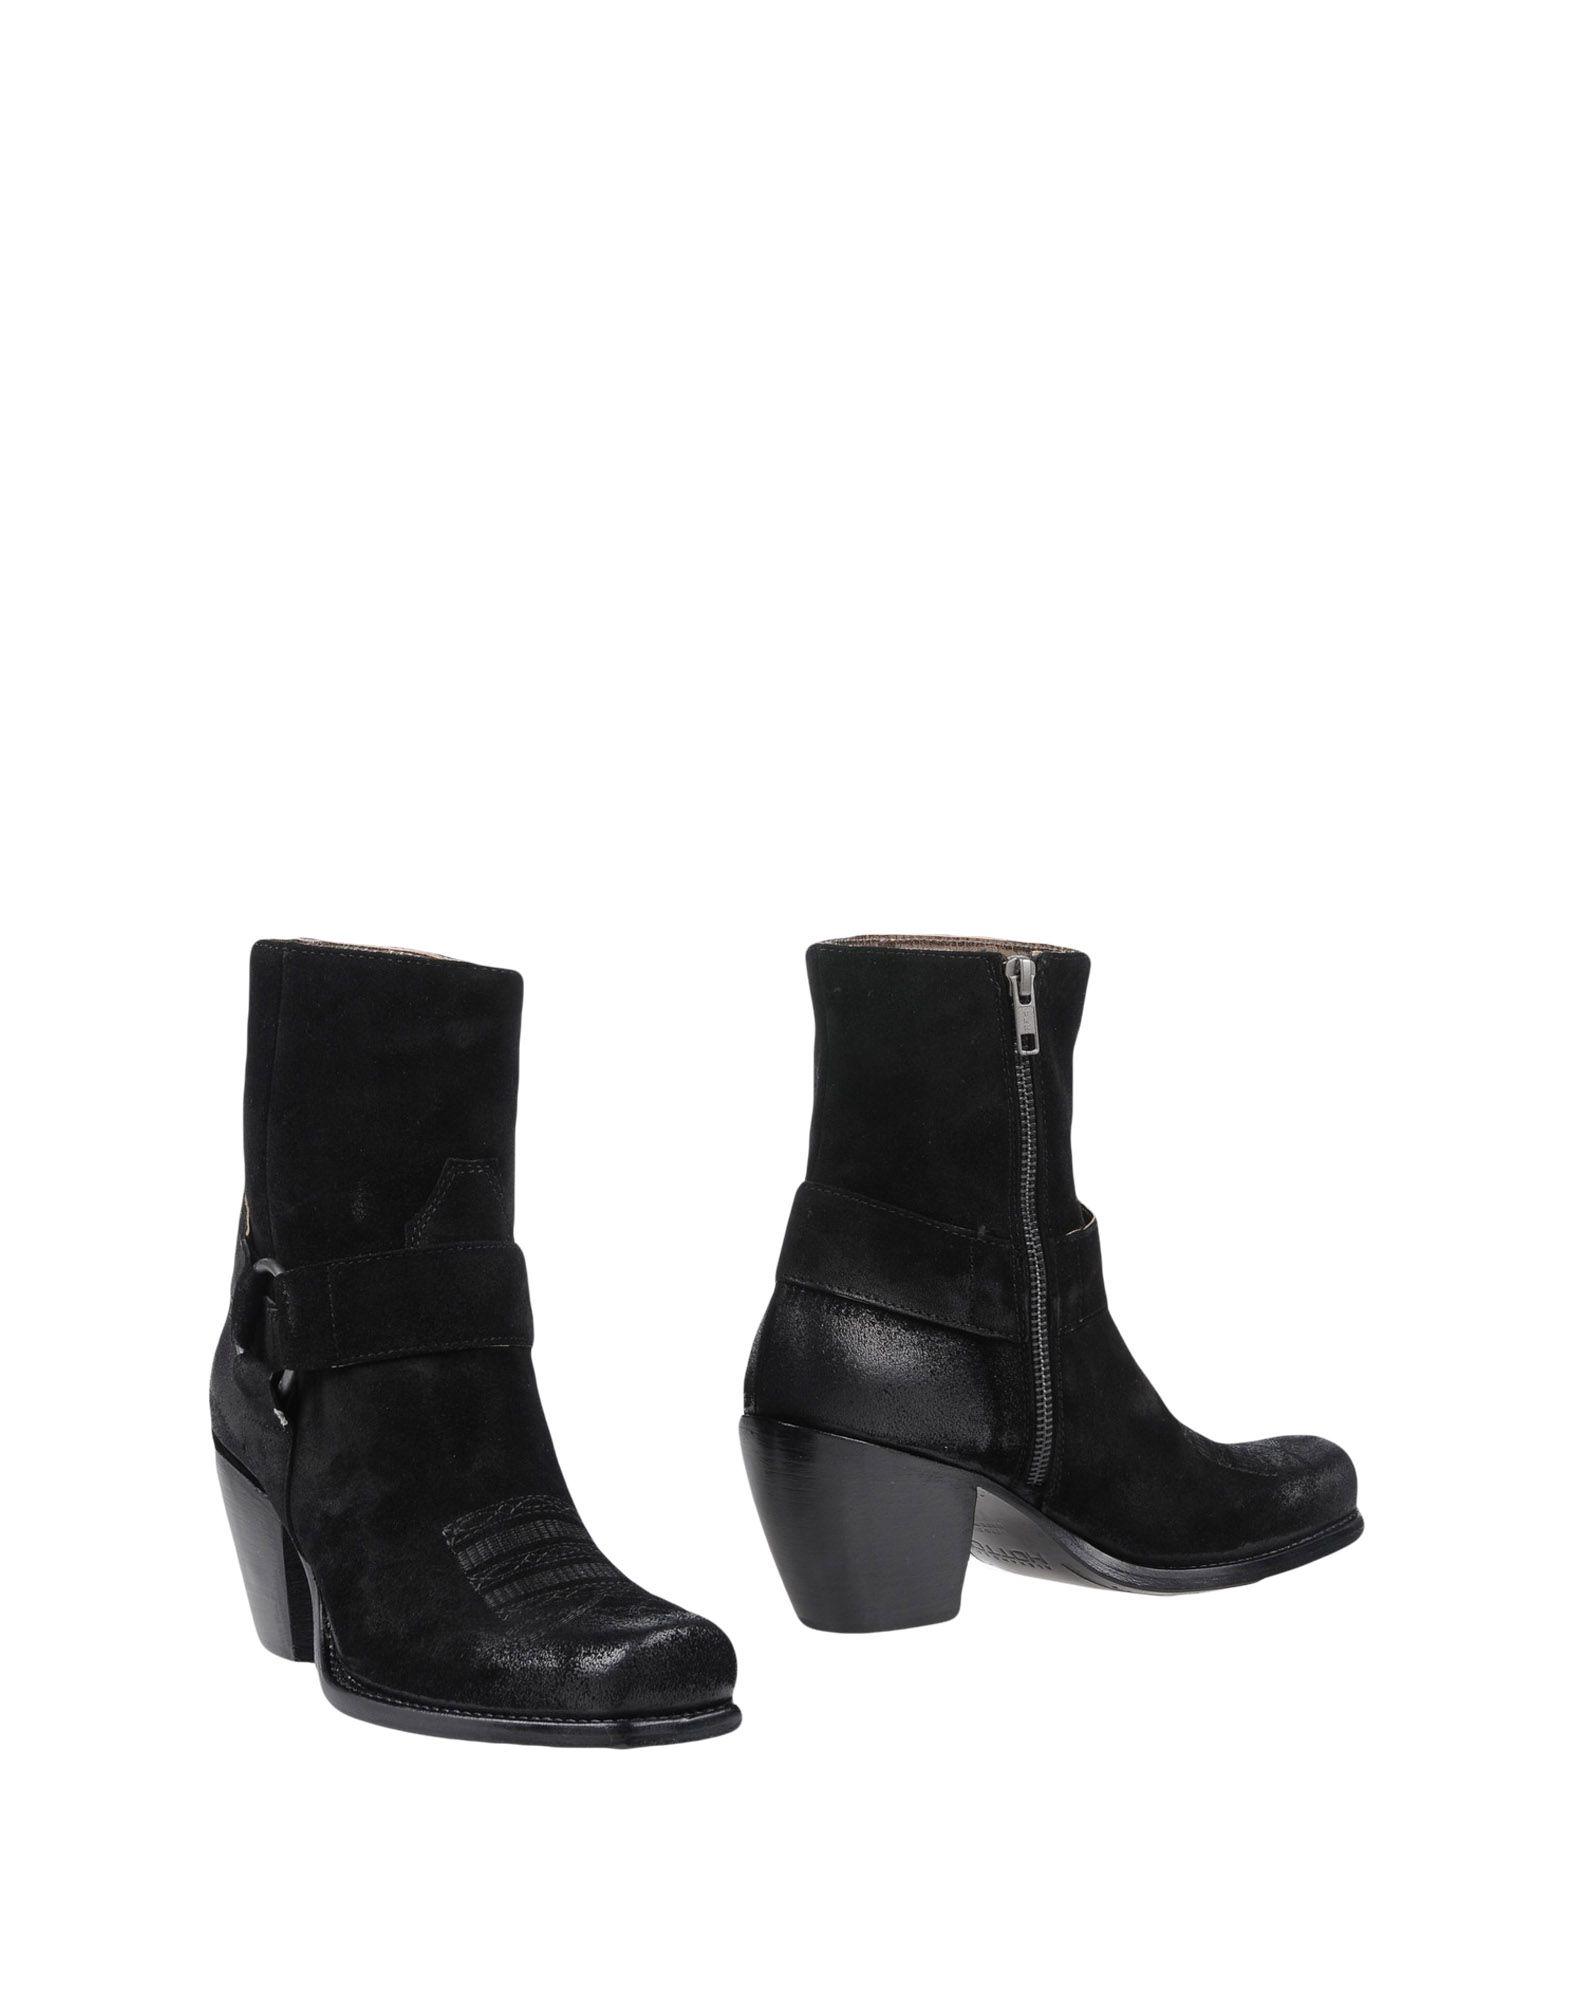 Alexander Hotto Stiefelette Damen Schuhe  11451703GUGut aussehende strapazierfähige Schuhe Damen d31172